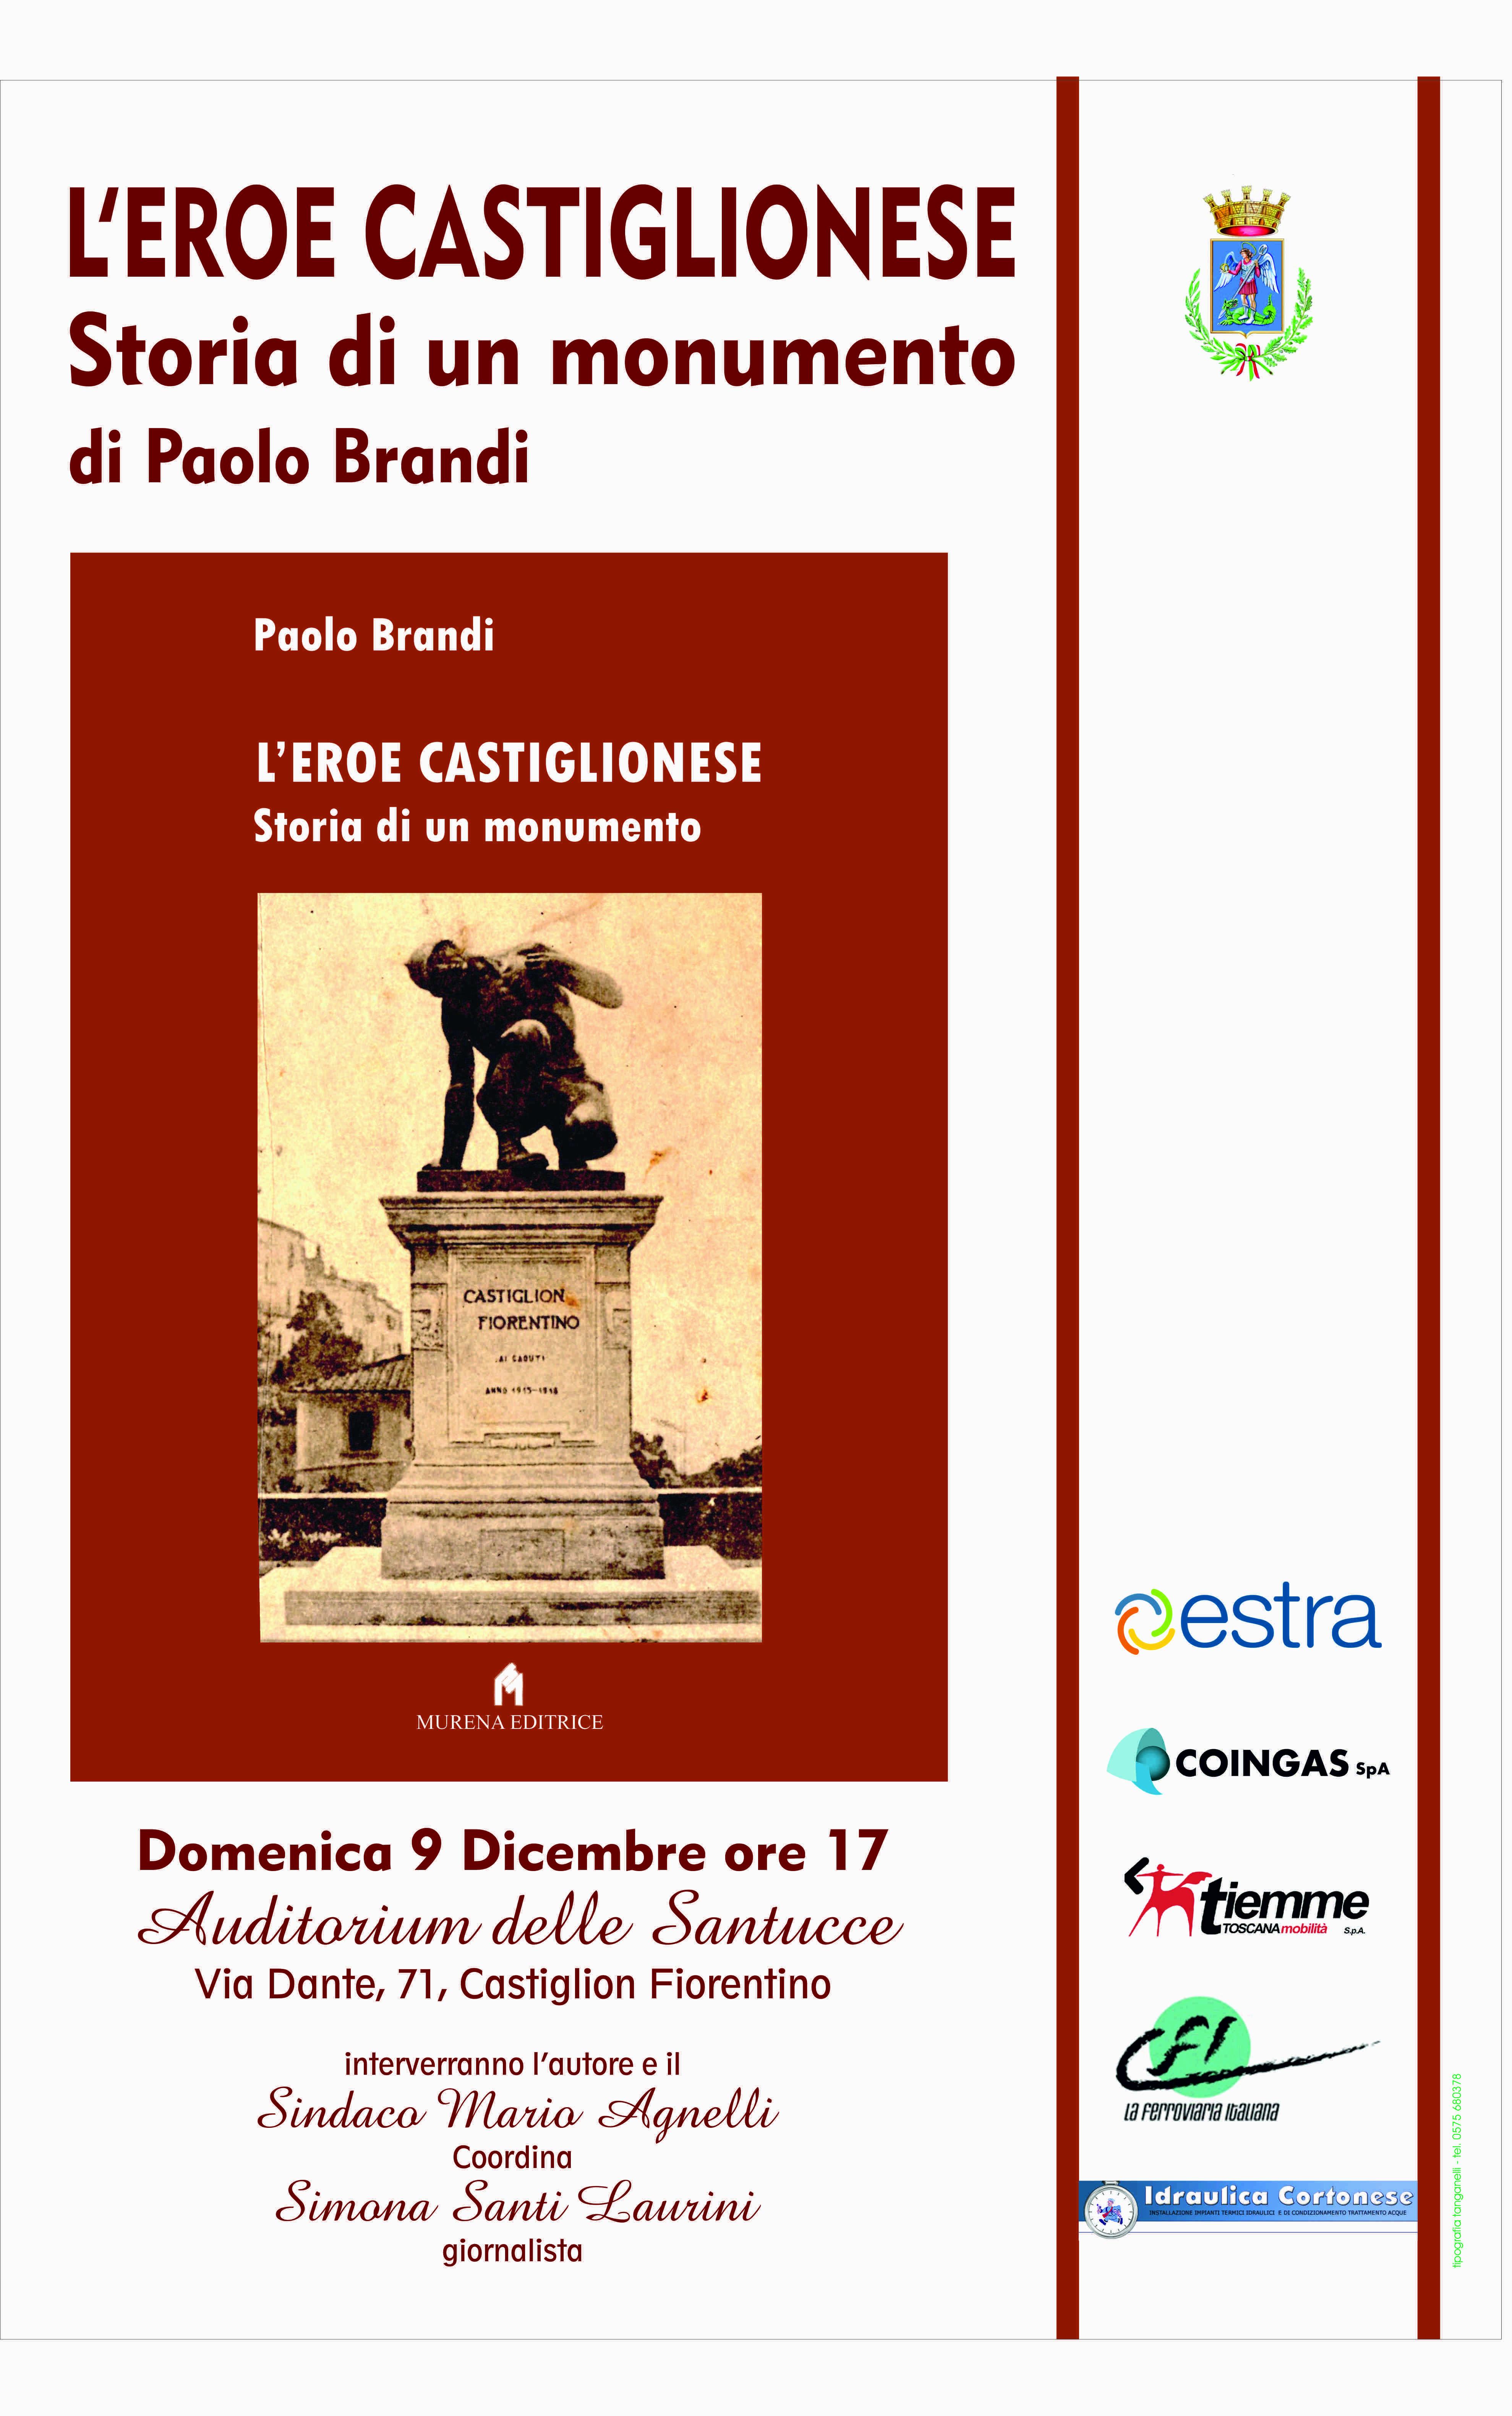 L'Eroe Castiglionese, storia di un monumento